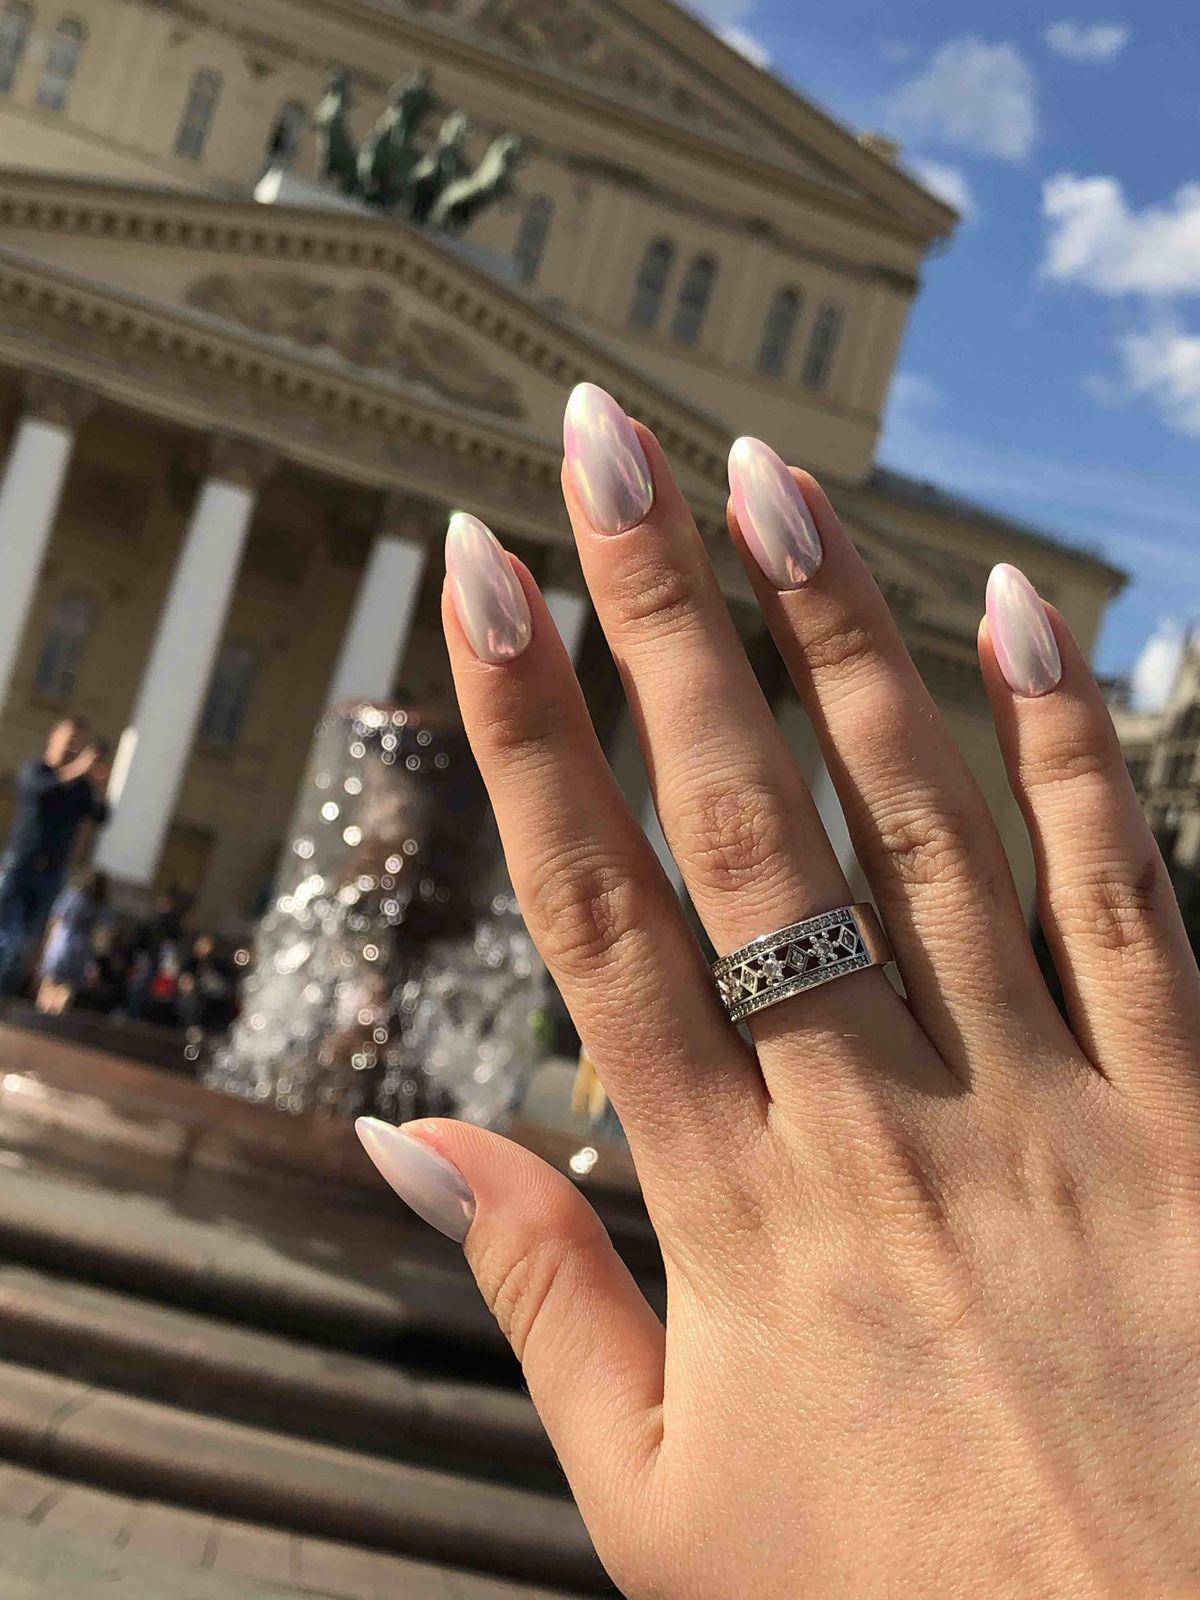 Прекрасное кольцо всегда со мной 😻😻